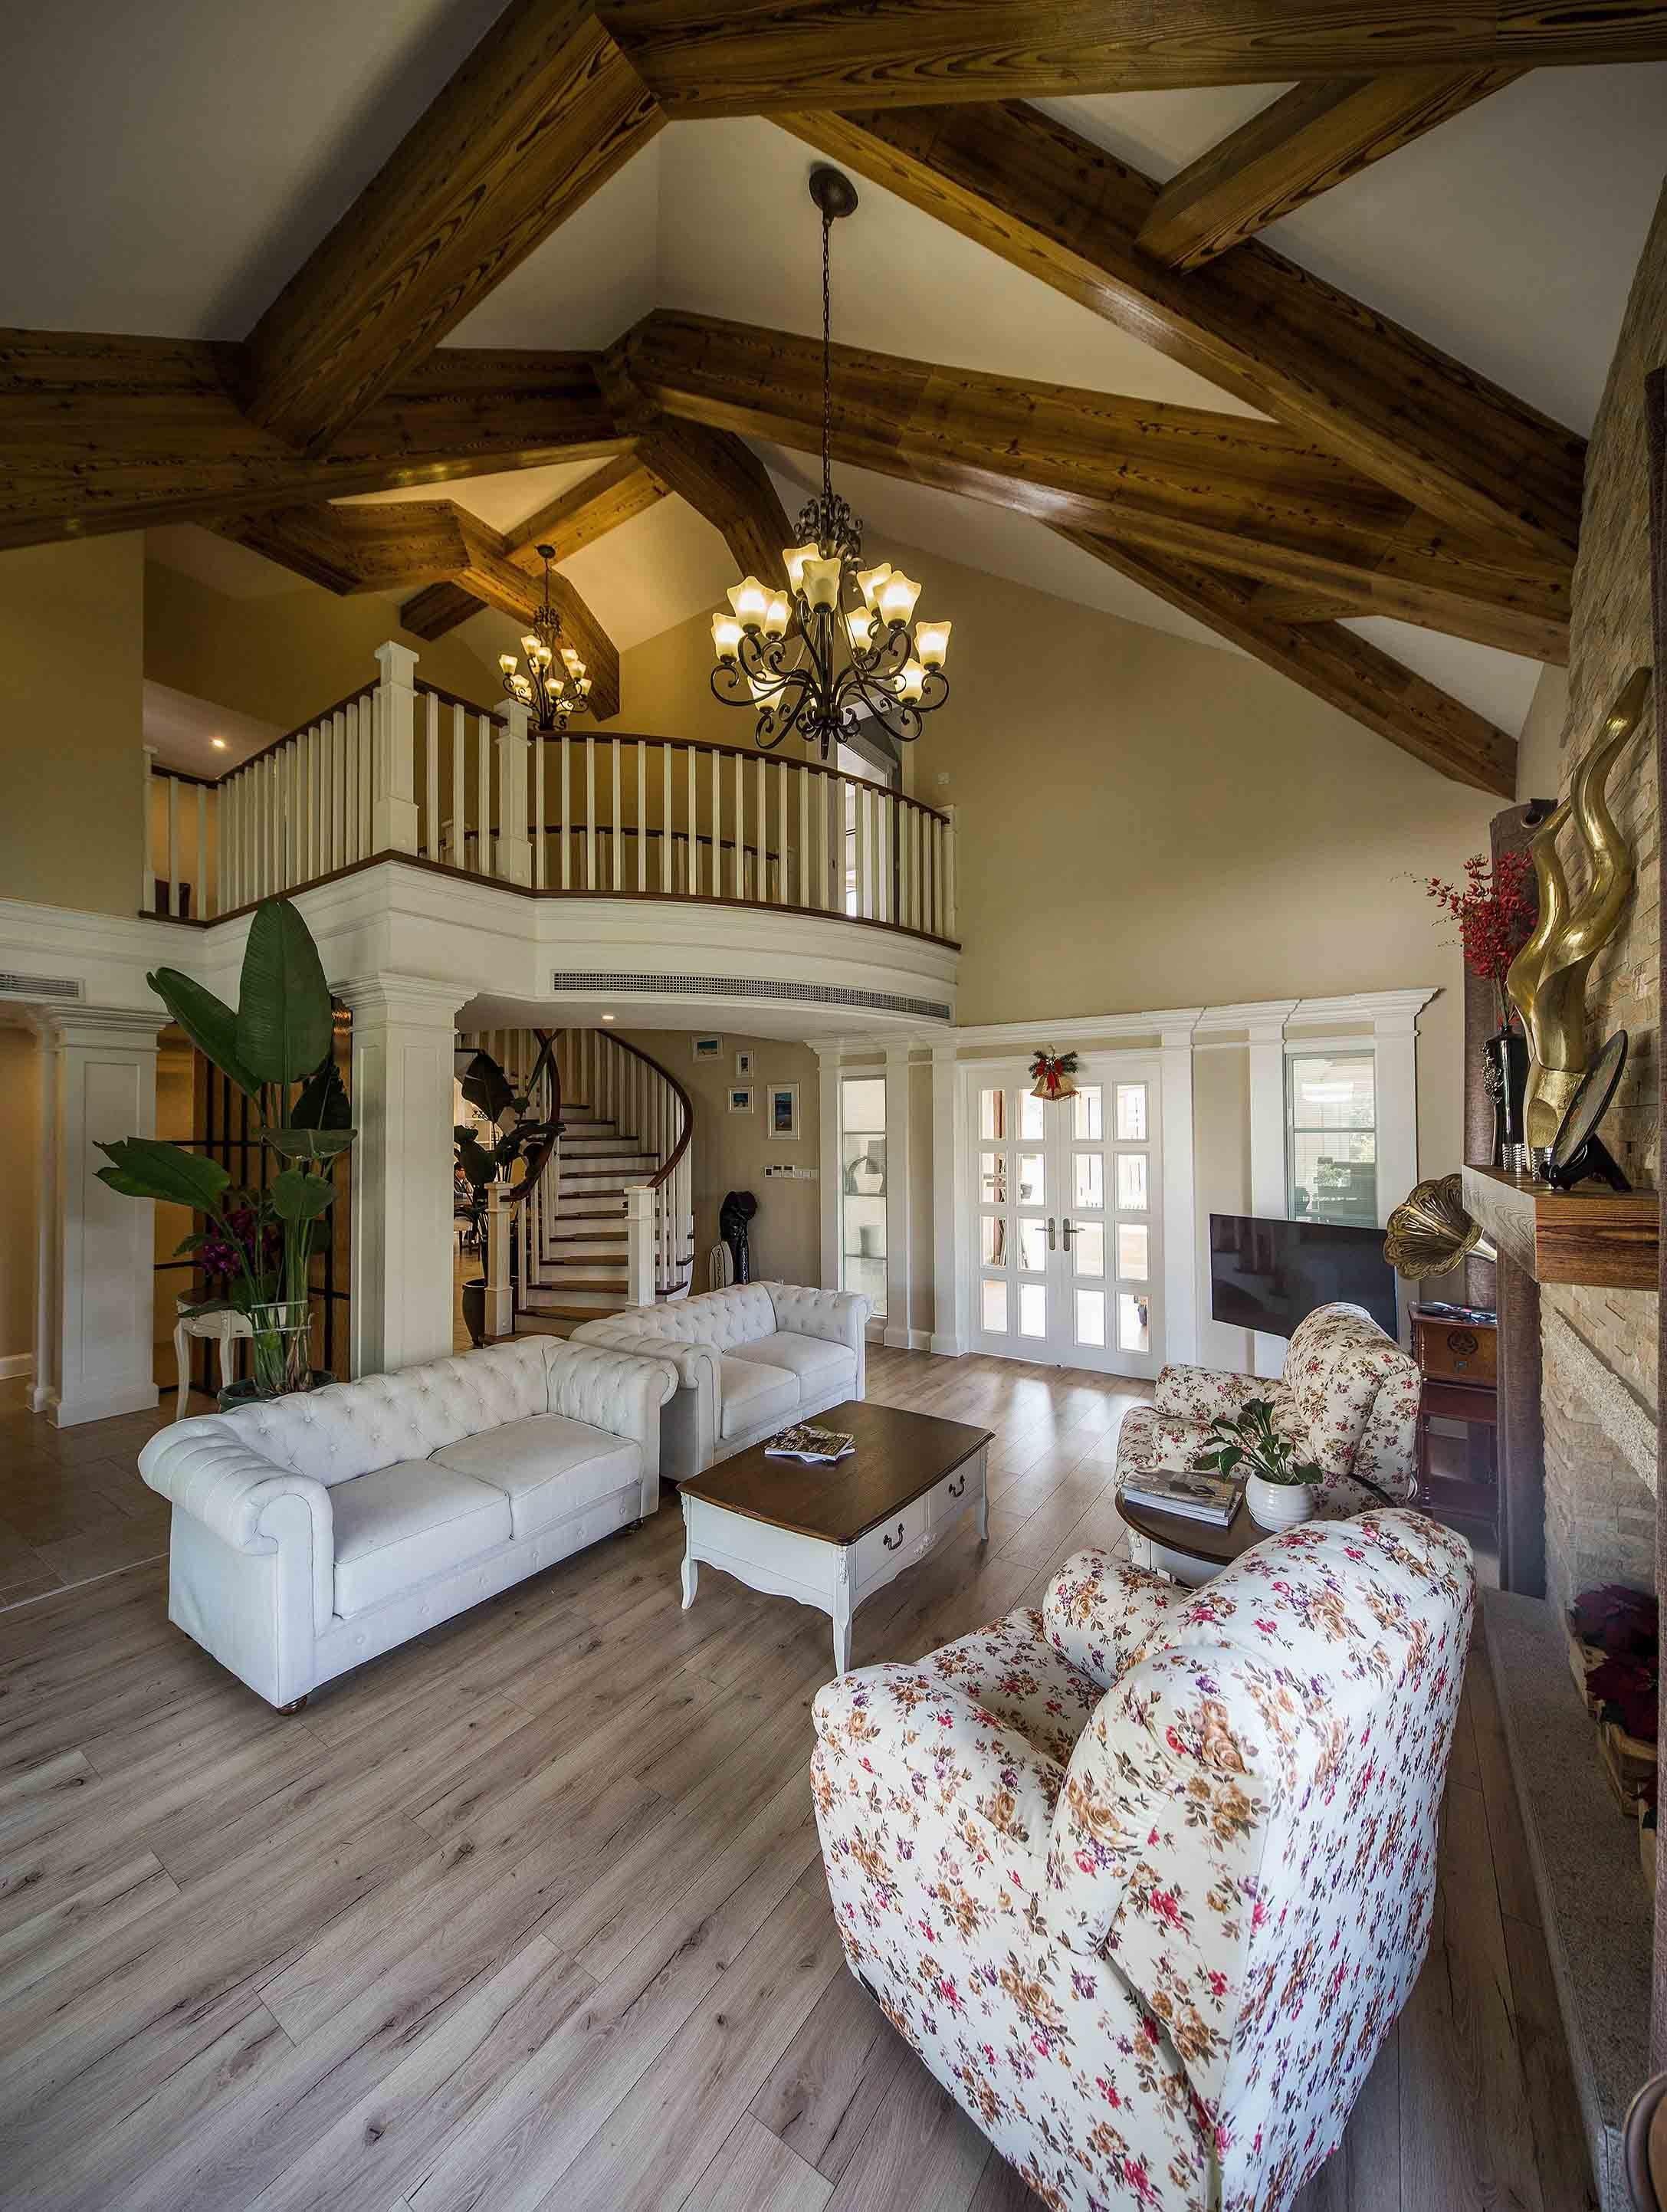 自由舒适美式乡村风格别墅室内隔断设计图